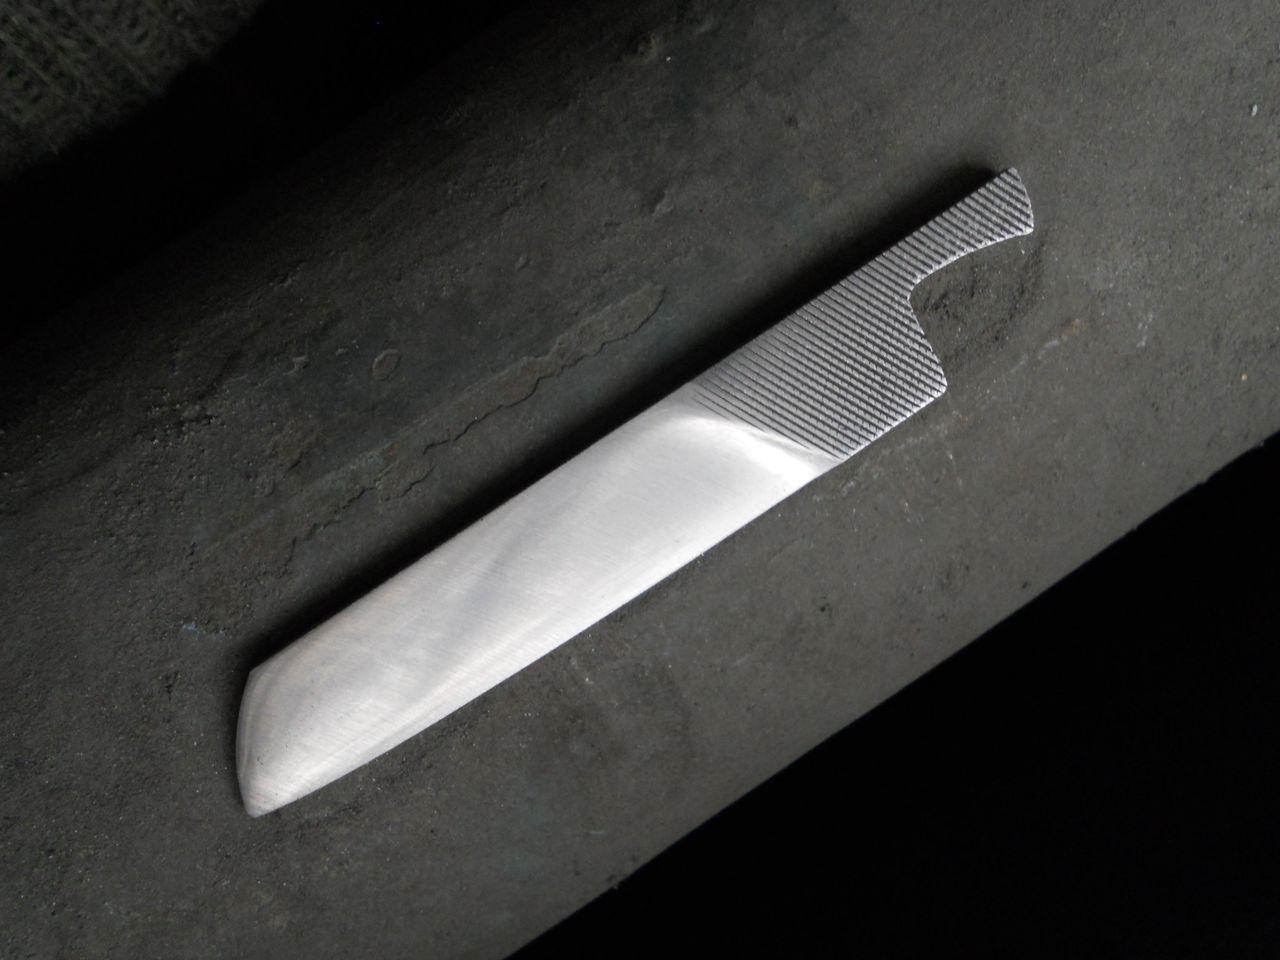 [лайфхак] эргономический нож из напильника